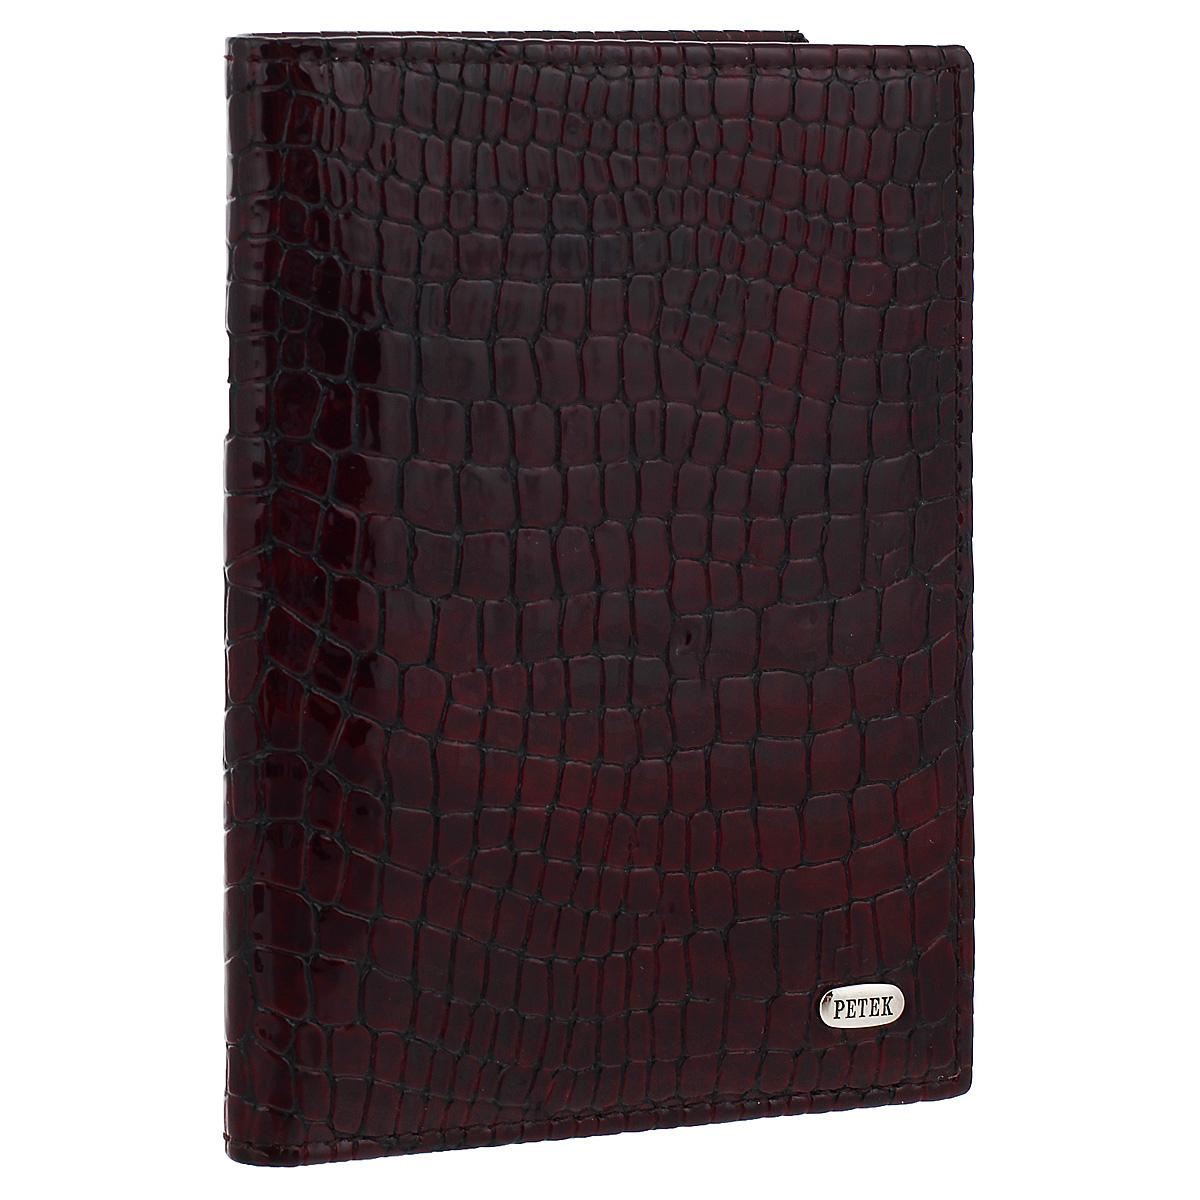 Обложка на автодокументы Burgundy, цвет: баклажан. 584.091.03Натуральная кожаОбложка на автодокументы Burgundy, выполненная из натуральной лаковой кожи, не только поможет сохранить внешний вид ваших документов и защитит их от повреждений, но и станет стильным аксессуаром, идеально подходящим вашему образу. Внутри четыре прорезных кармана для кредитных карт, удобный блок для водительских документов из прозрачного пластика и пять карманов для бумаг из прозрачного пластика. Такая обложка станет замечательным подарком человеку, ценящему качественные и практичные вещи. Характеристики:Материал: натуральная кожа, пластик. Размер обложки: 9 см х 12,5 см х 1 см. Цвет: баклажан.